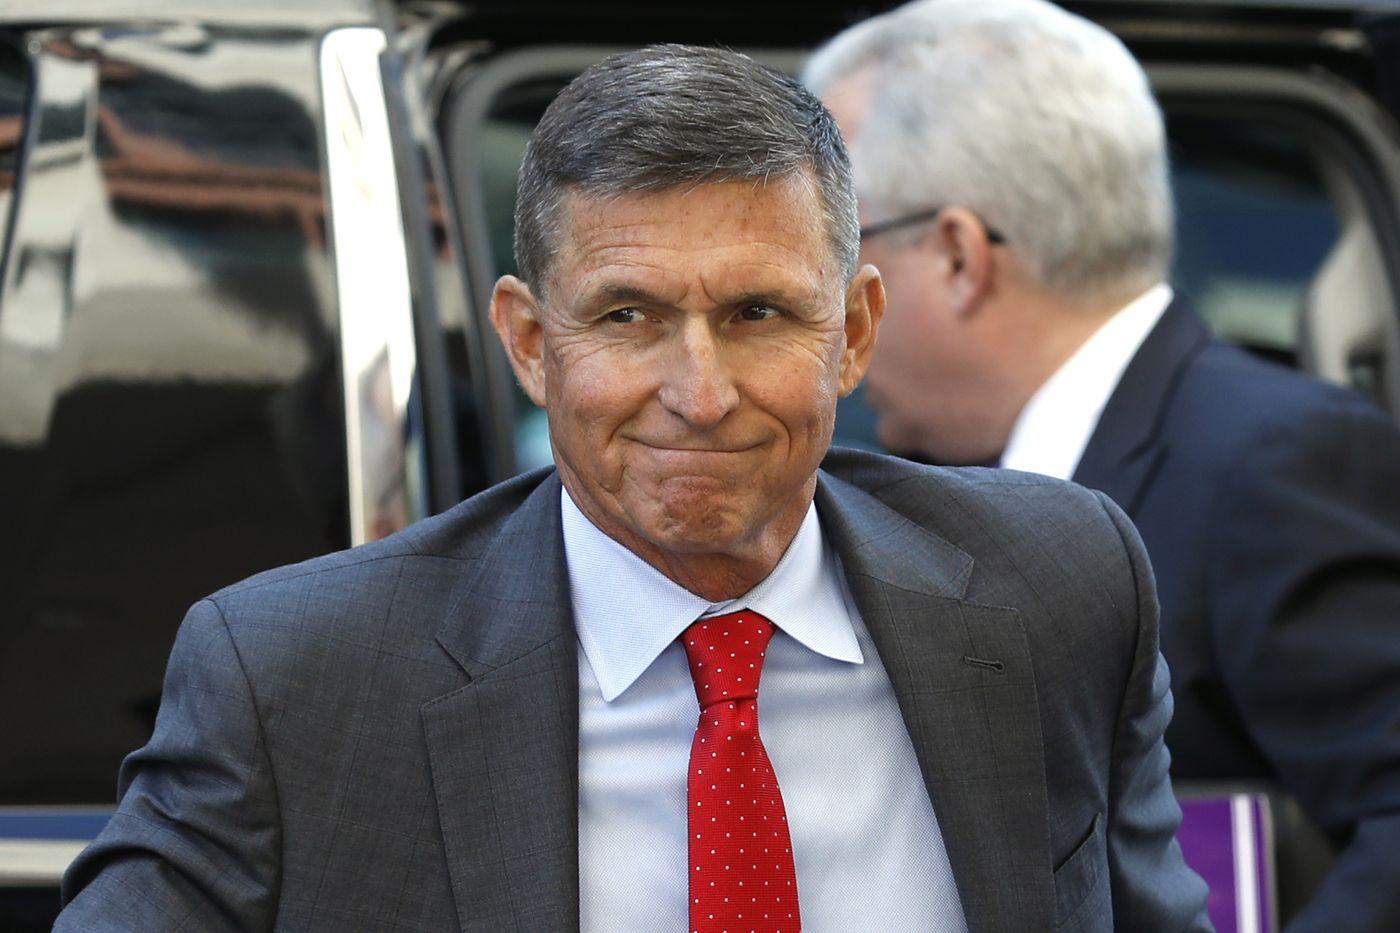 Bộ Tư Pháp hủy án hình sự của cựu cố vấn an ninh quốc gia Michael Flynn